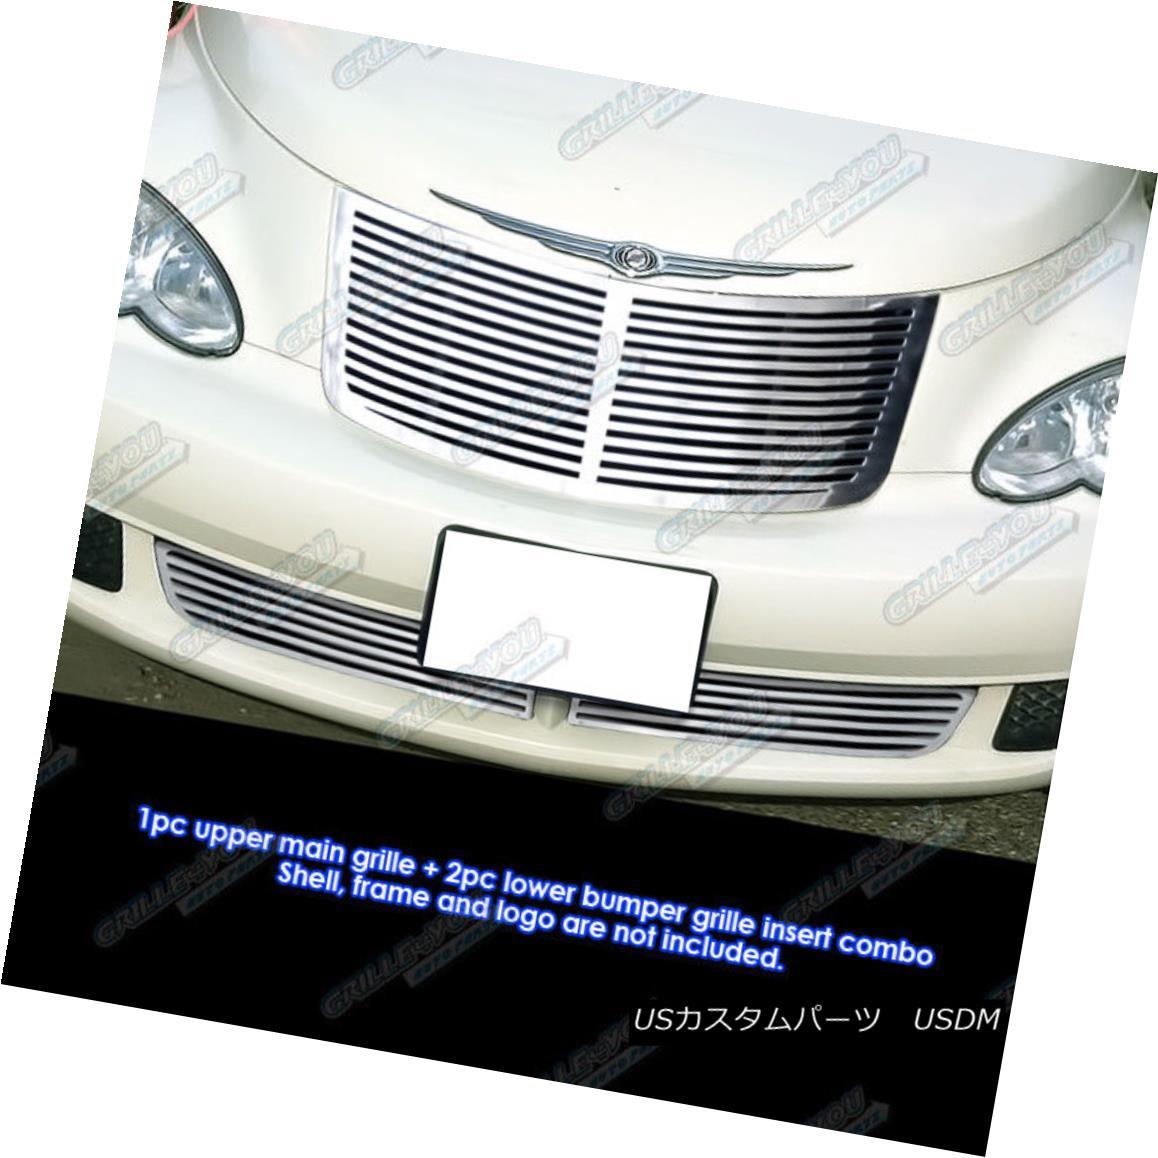 グリル Custom Fits 2006-2010 Chrysler PT Cruiser Perimeter CNC Cut Grill Combo Customは2006-2010年を適合させるクライスラーPTクルーザー周辺CNC Cut Grill Combo